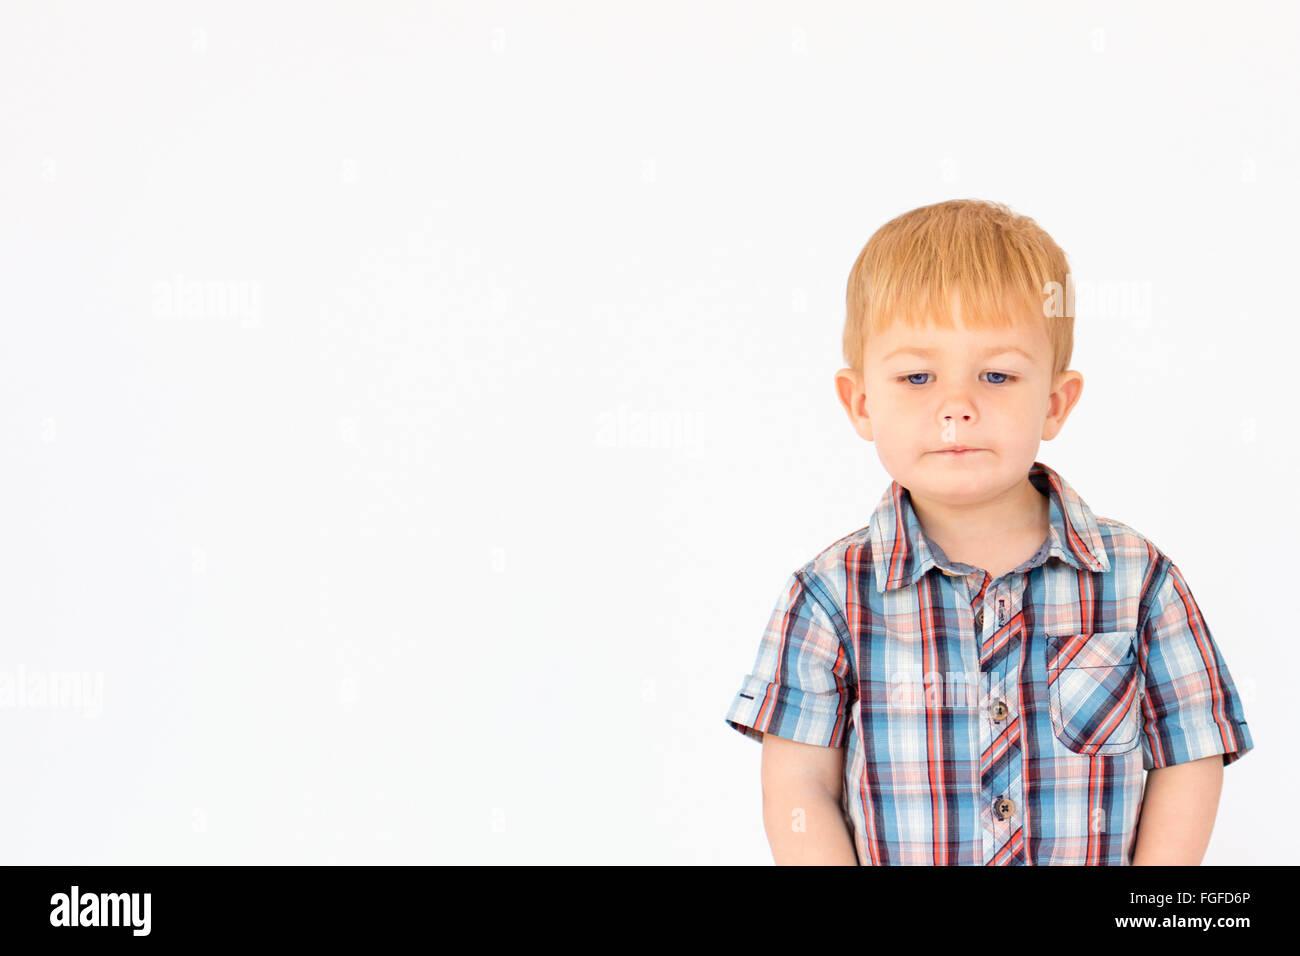 Ritratto di un giovane ragazzo in piedi contro uno sfondo bianco Immagini Stock